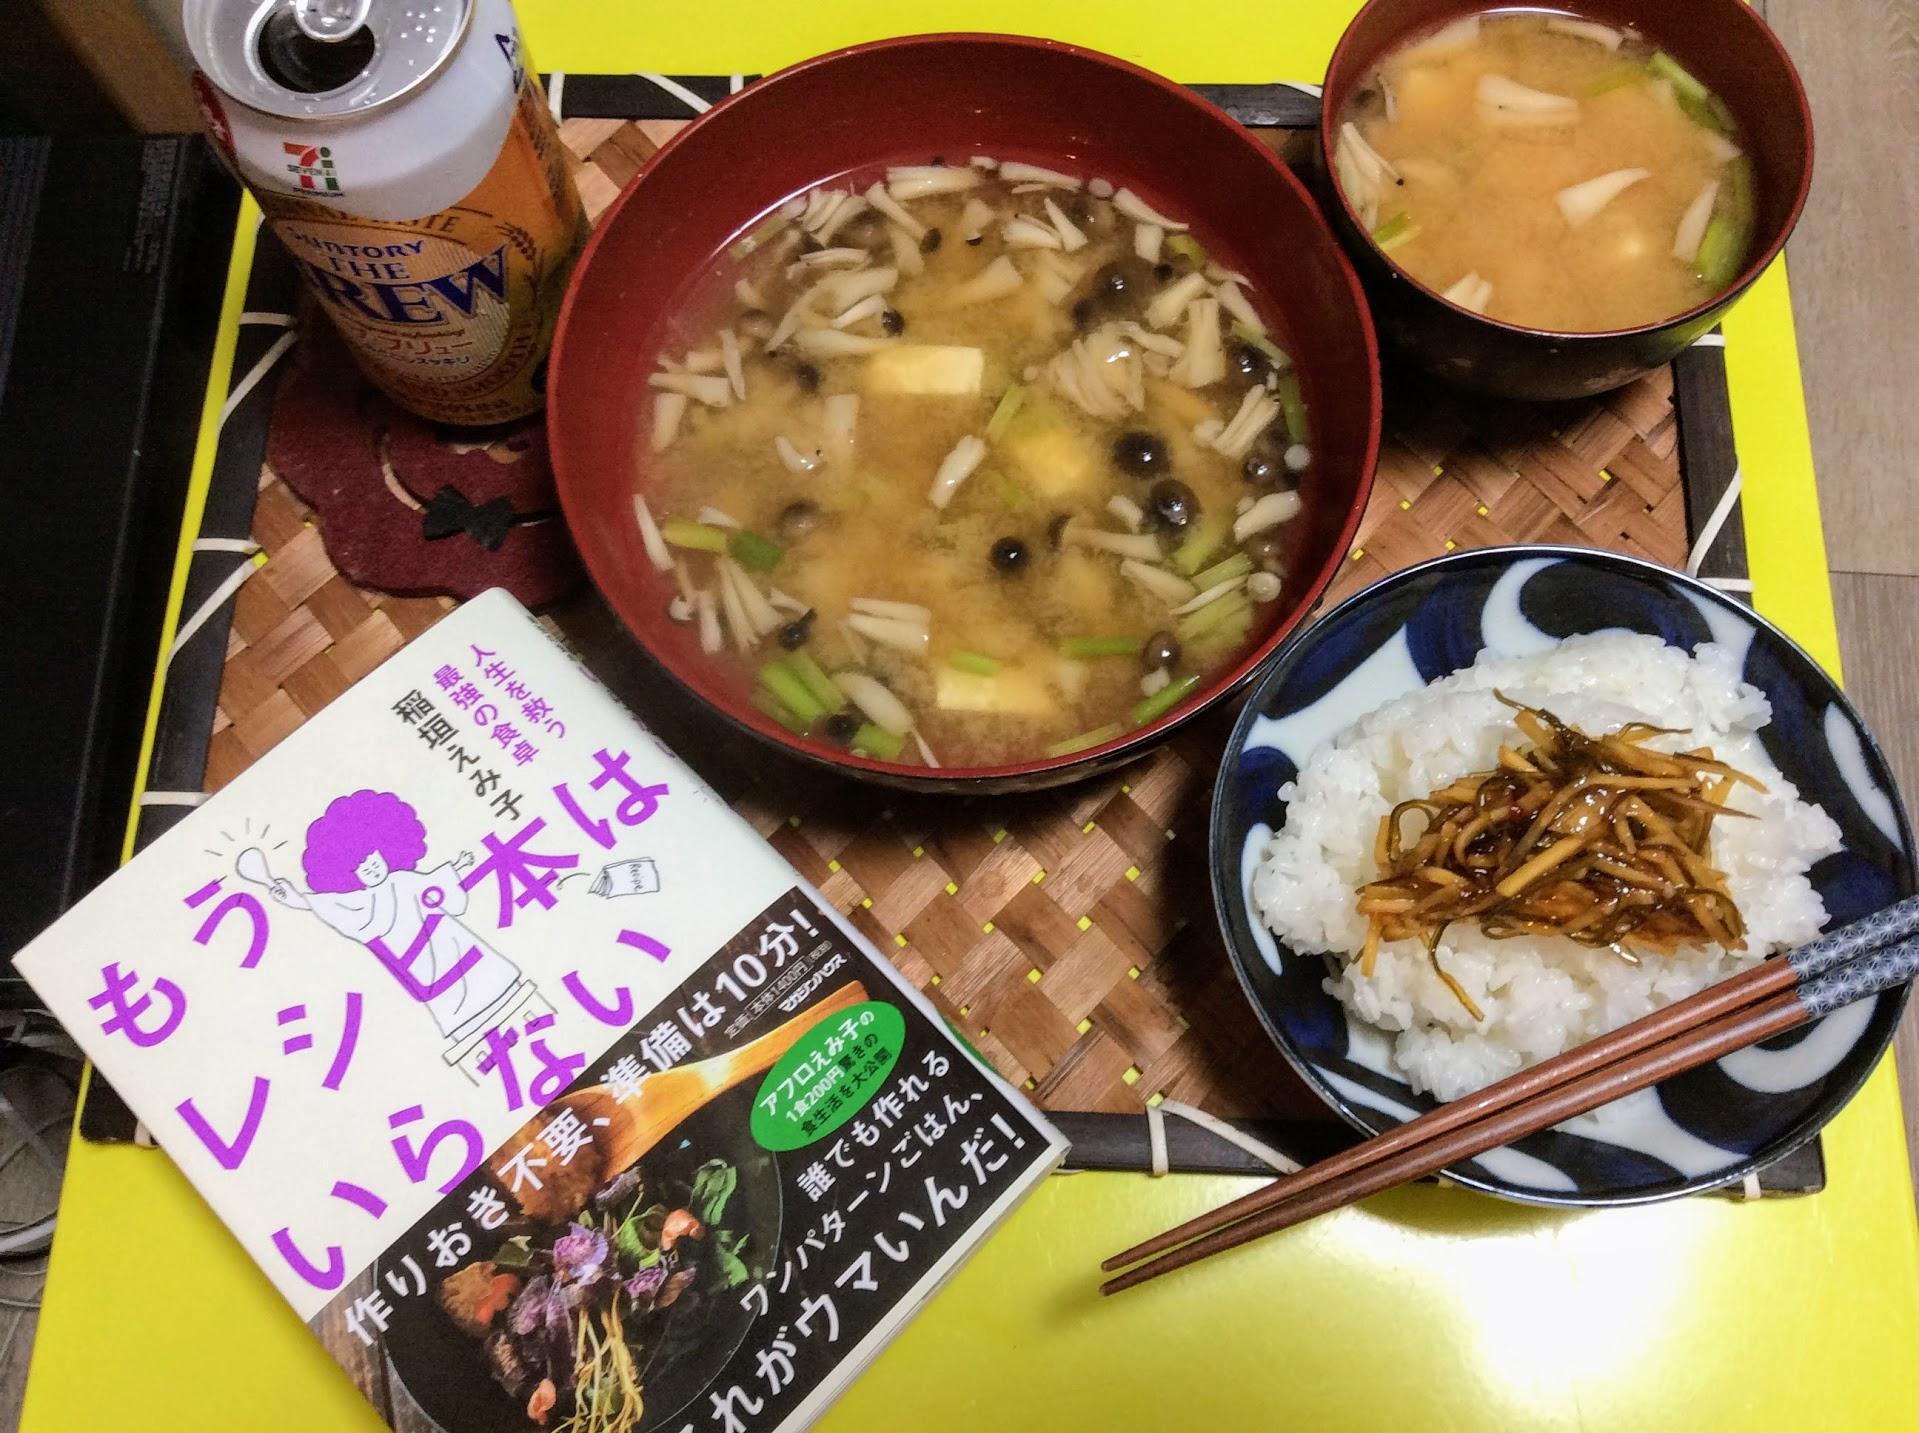 【書籍】「もうレシピ本はいらない」稲垣えみ子 料理で仕事をしない人ならではのライフハック 26